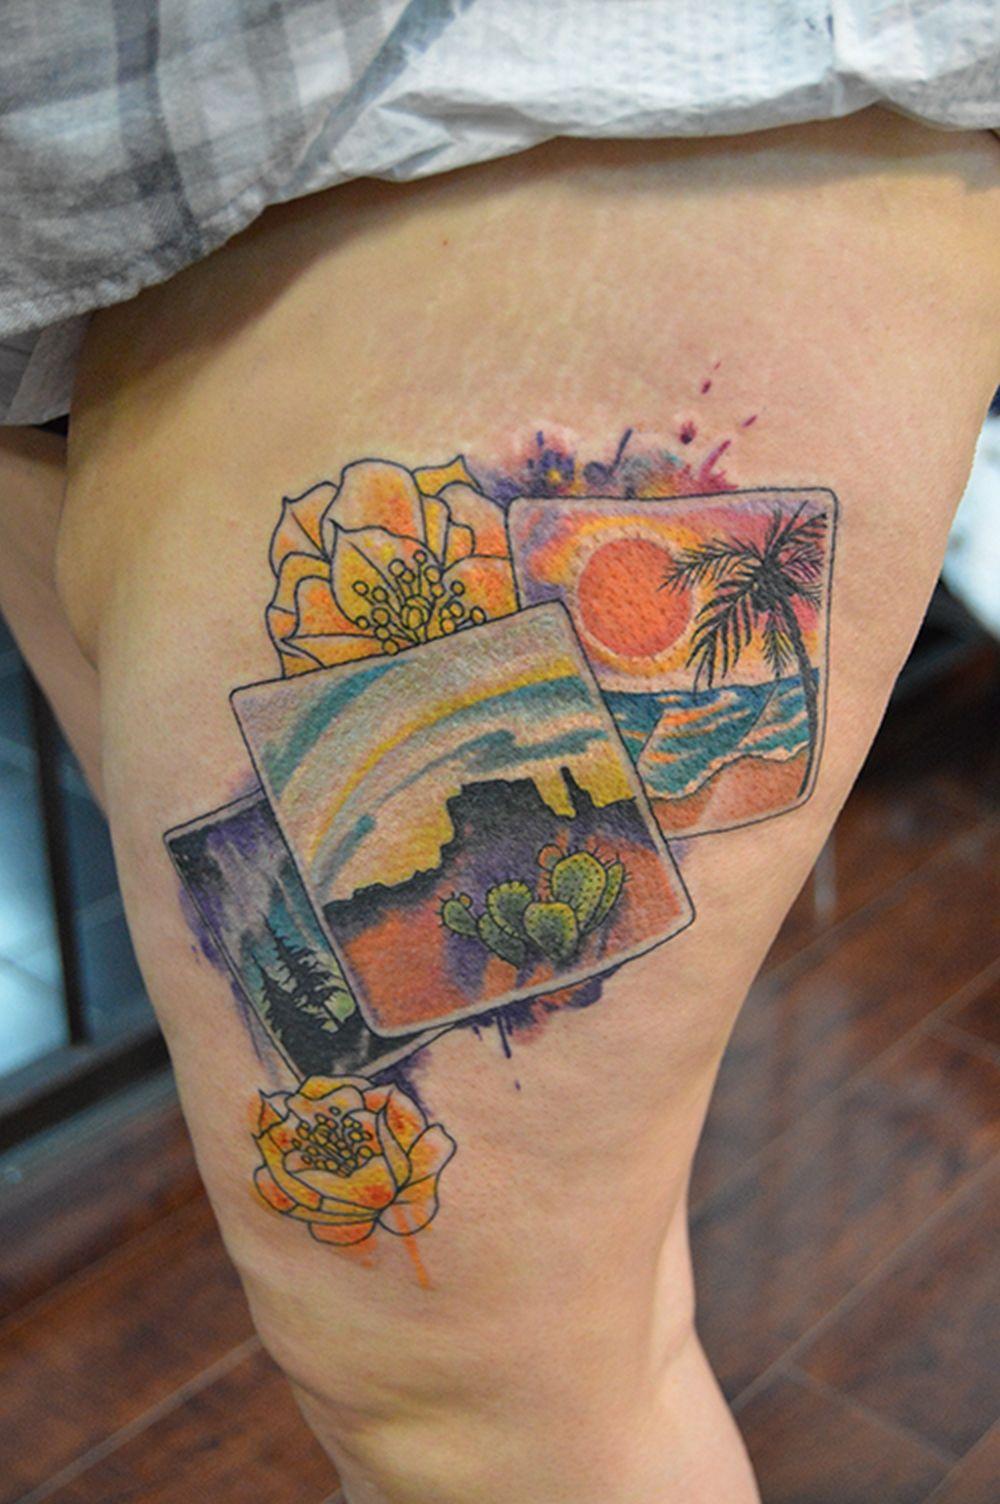 Cw25 true grit tattoo parlor for Tenth street tattoo